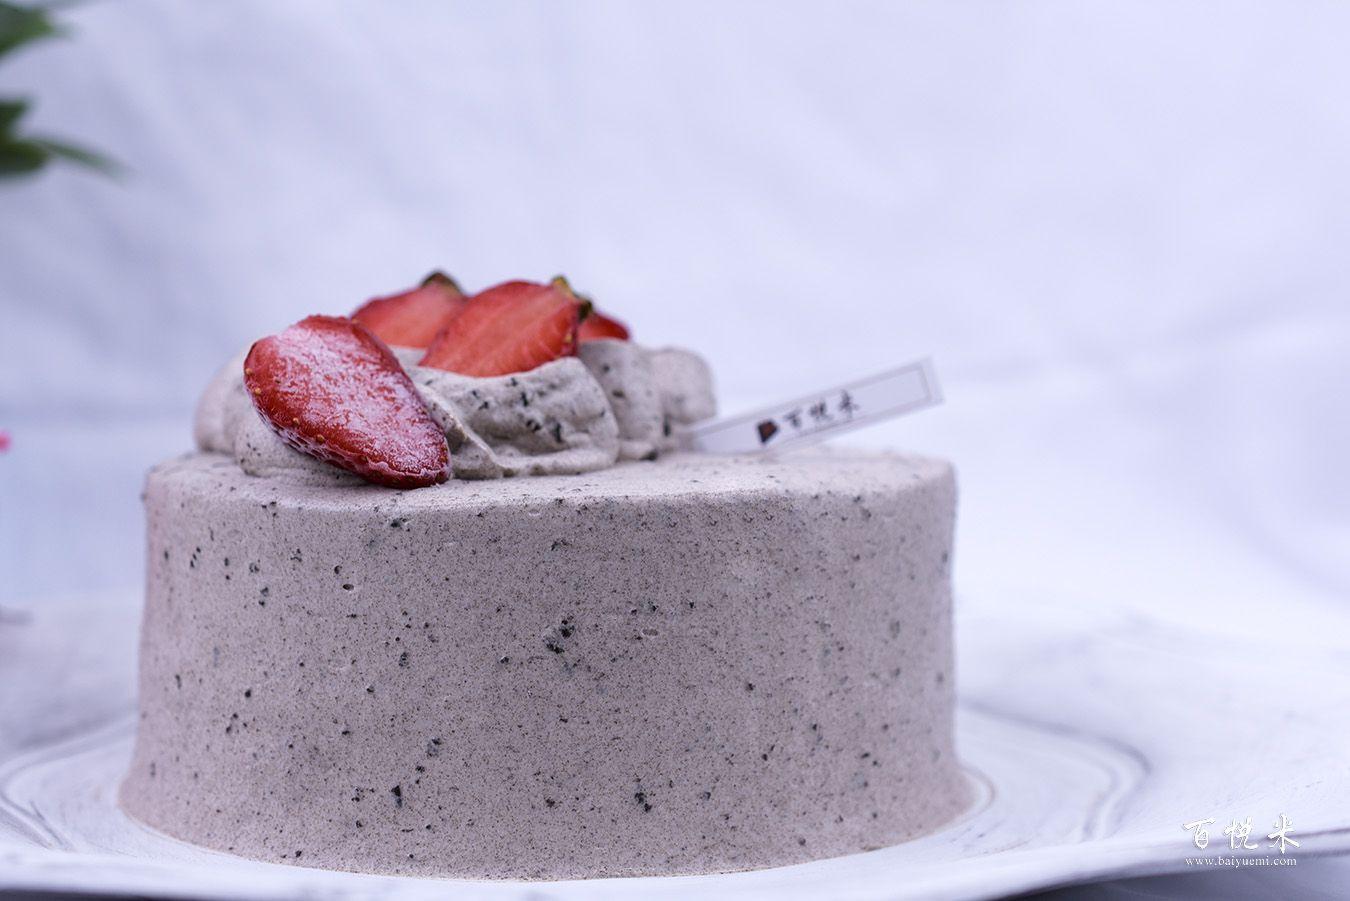 奥利奥咸奶油草莓蛋糕高清图片大全【蛋糕图片】_1110